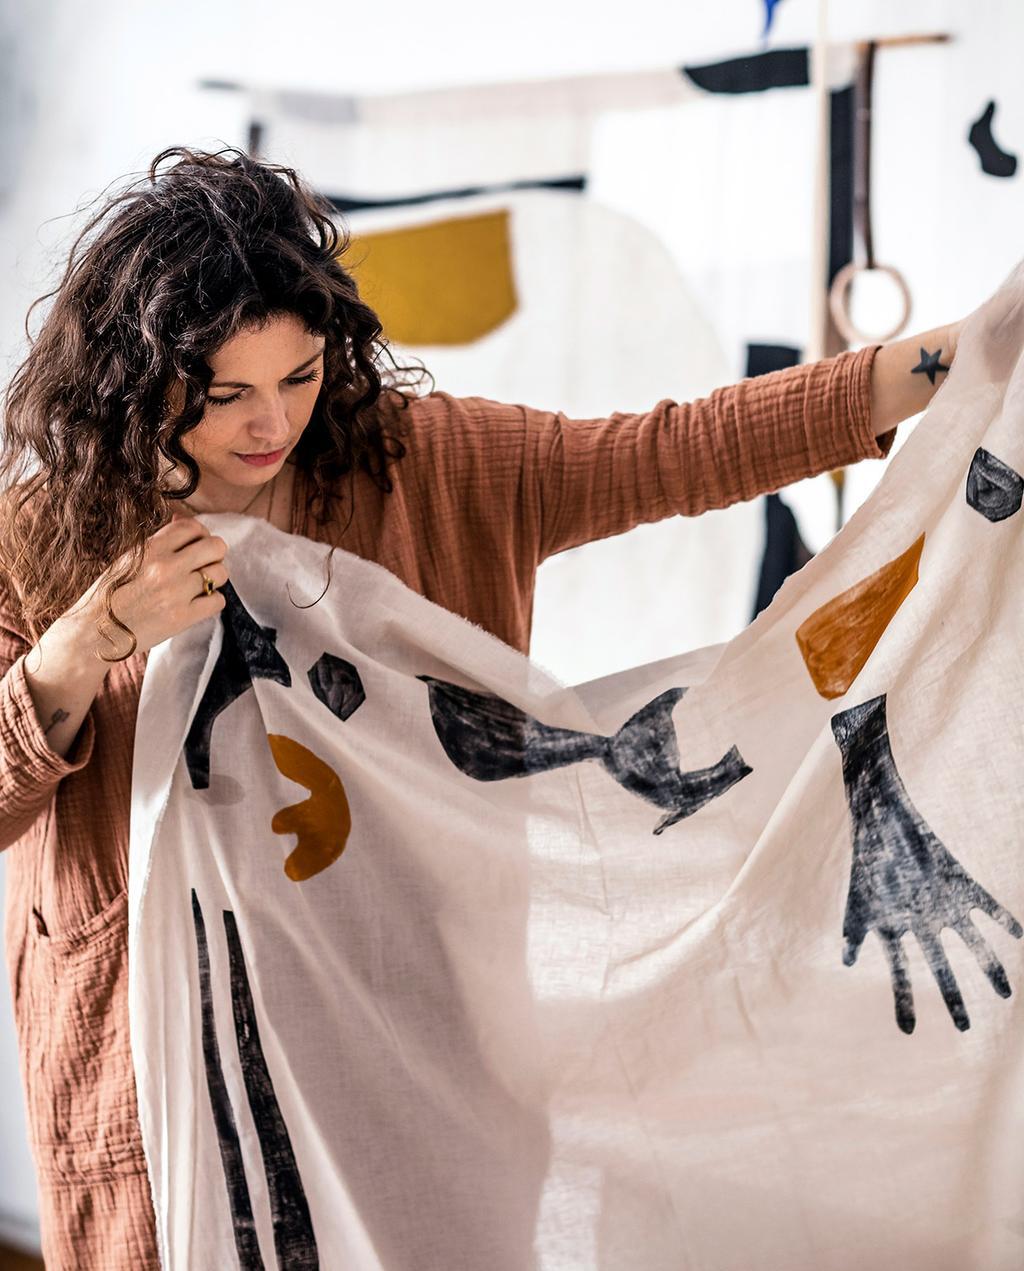 vtwonen 02-2021   Neeltje met zelfgemaakte doek in hand